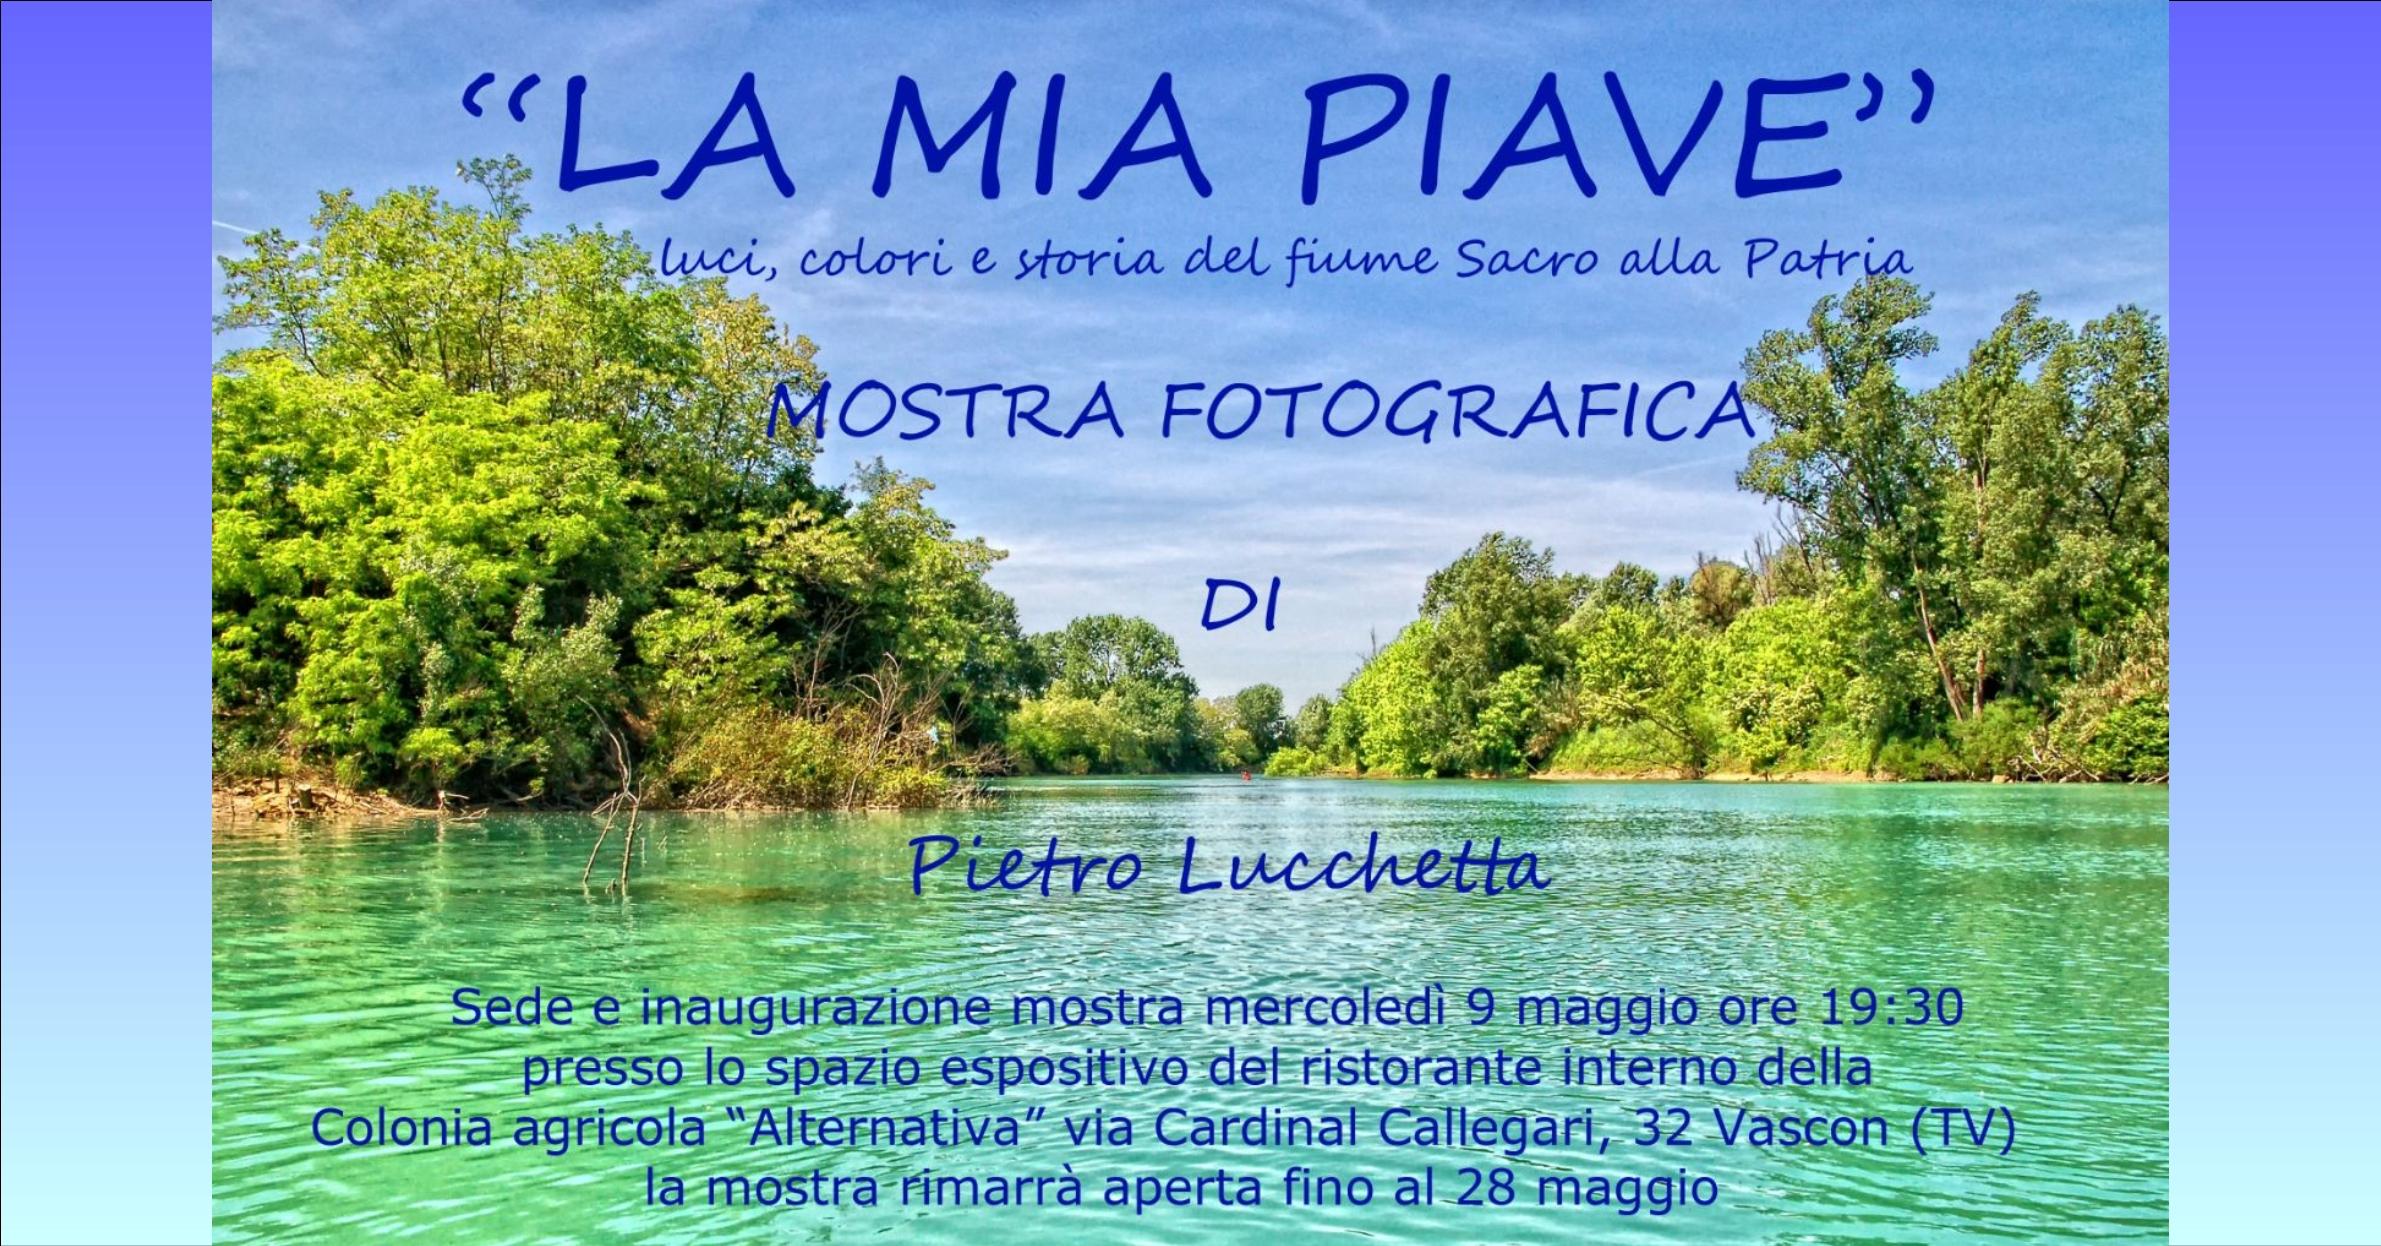 E0128_180509_MostraFotografica_LaMiaPiave_XSOC